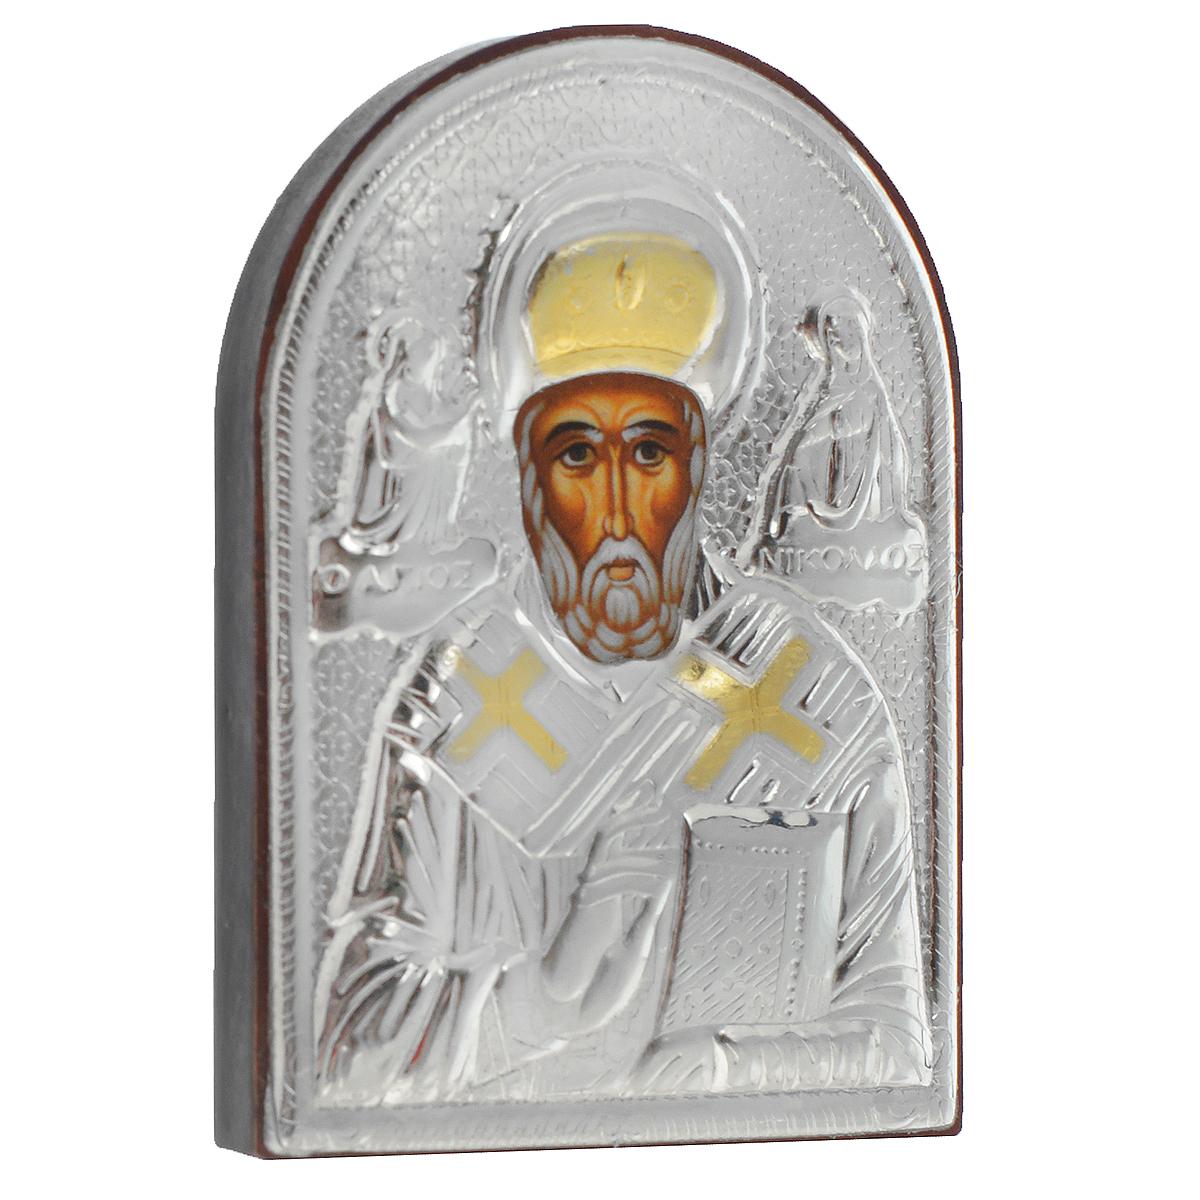 Икона Святителя Николая Чудотворца, 5,5 см х 4 см